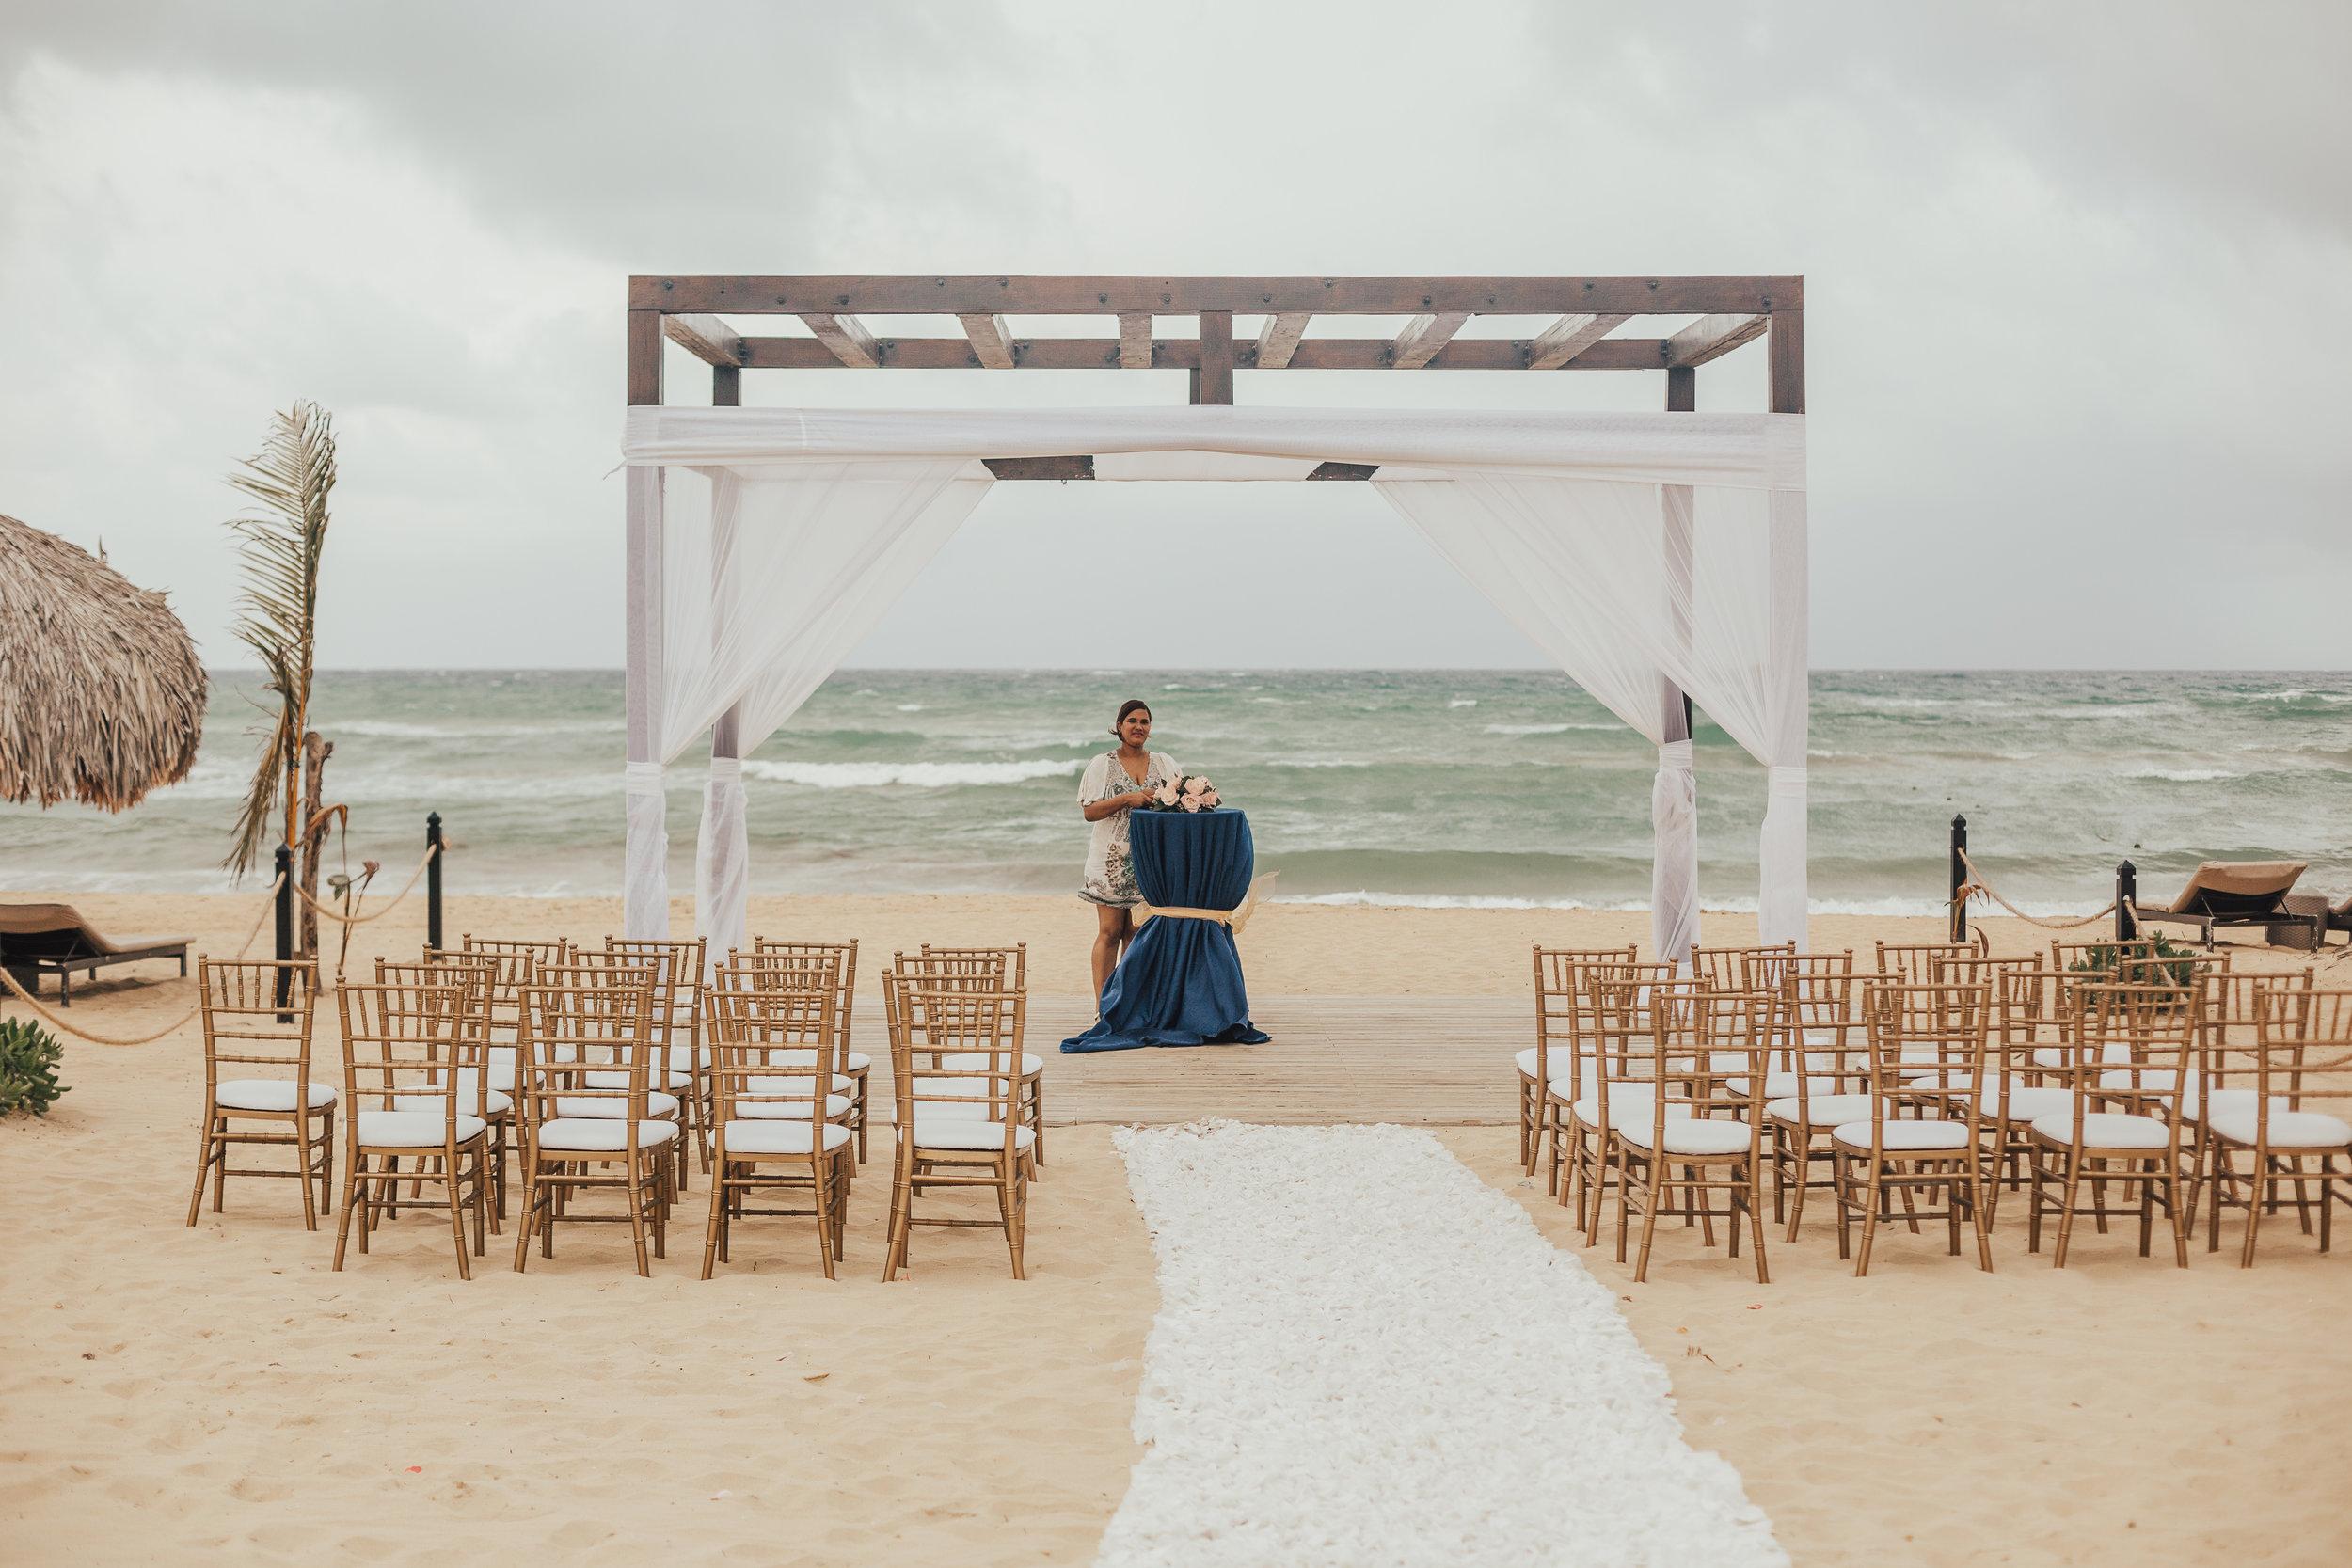 punta-cana-Wedding-Photographer-cleveland-wedding-photographer-elopement-photographer-chic-resort